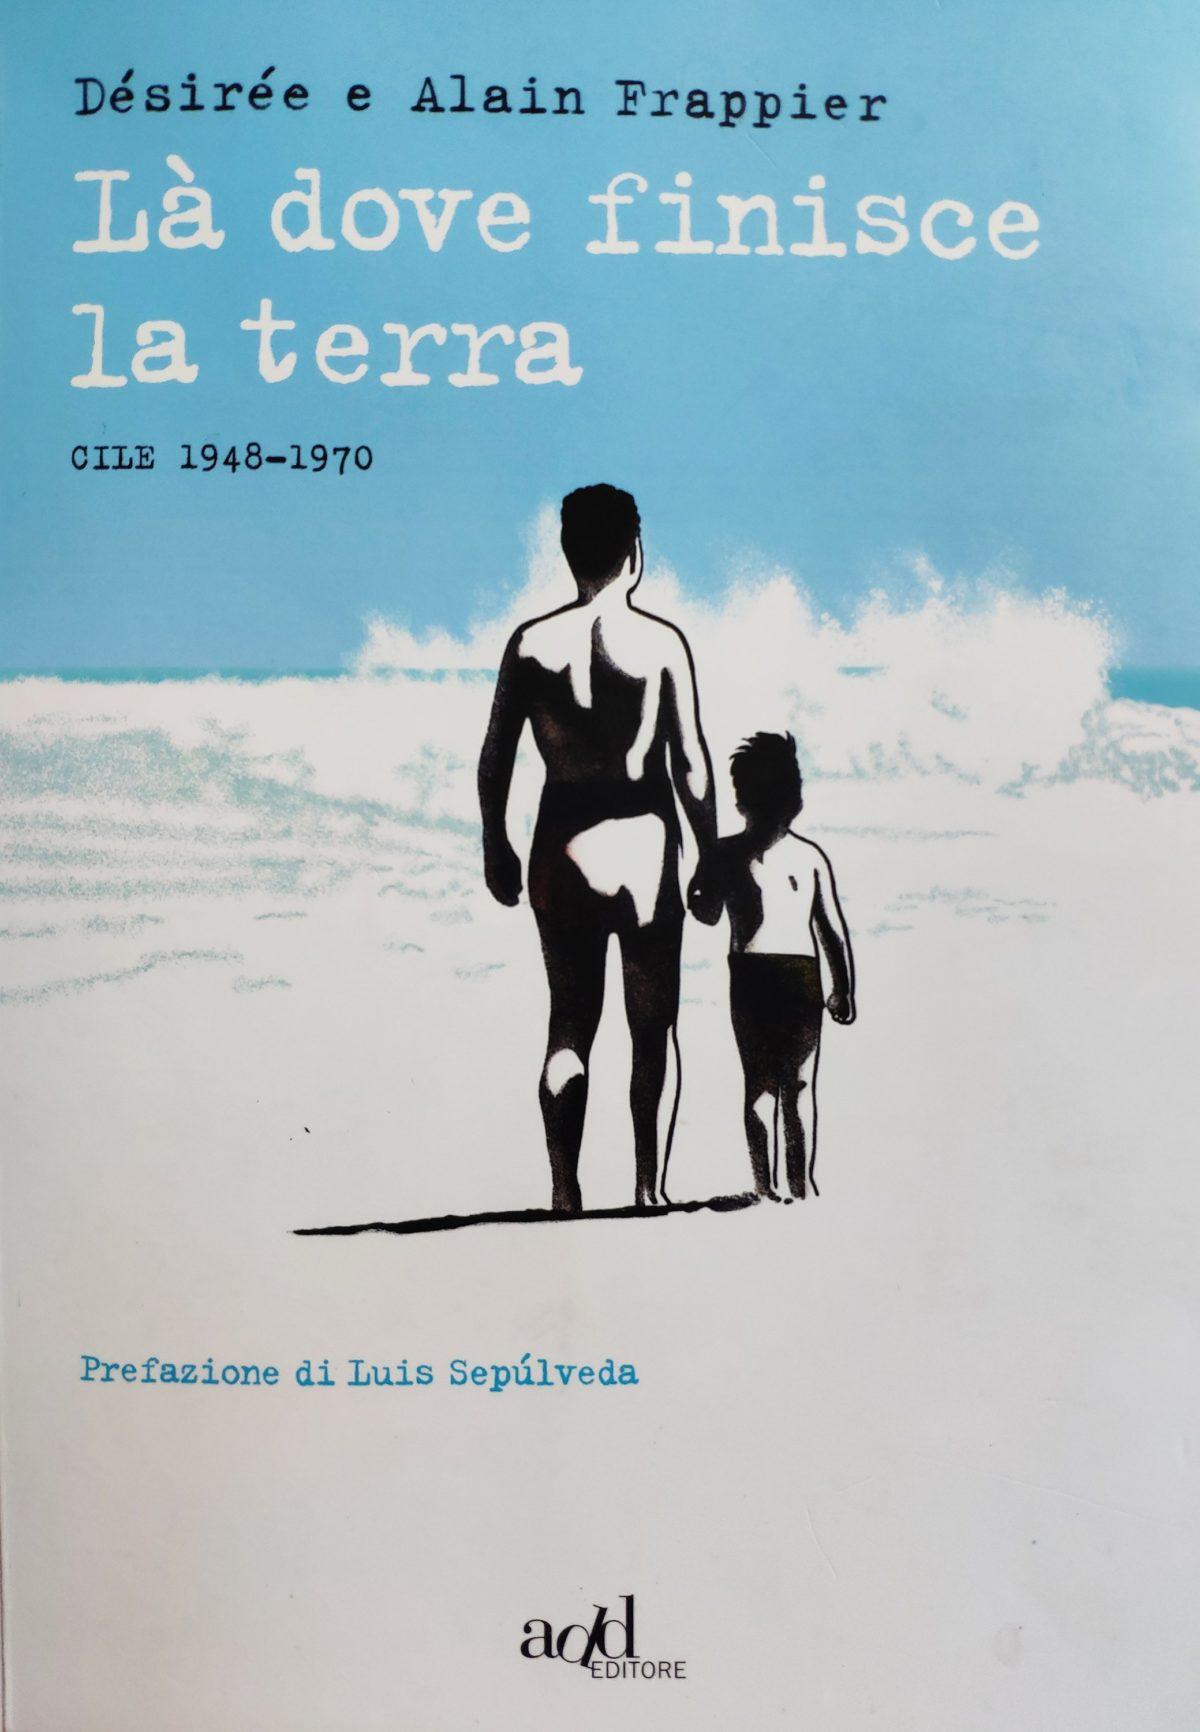 Mio caro fumetto... - Là dove finisce la terra: copertina del libro, nei colori celeste, bianco e nero, con un adulto e un bambino sul bagnasciuga che guardano il mare ondoso.